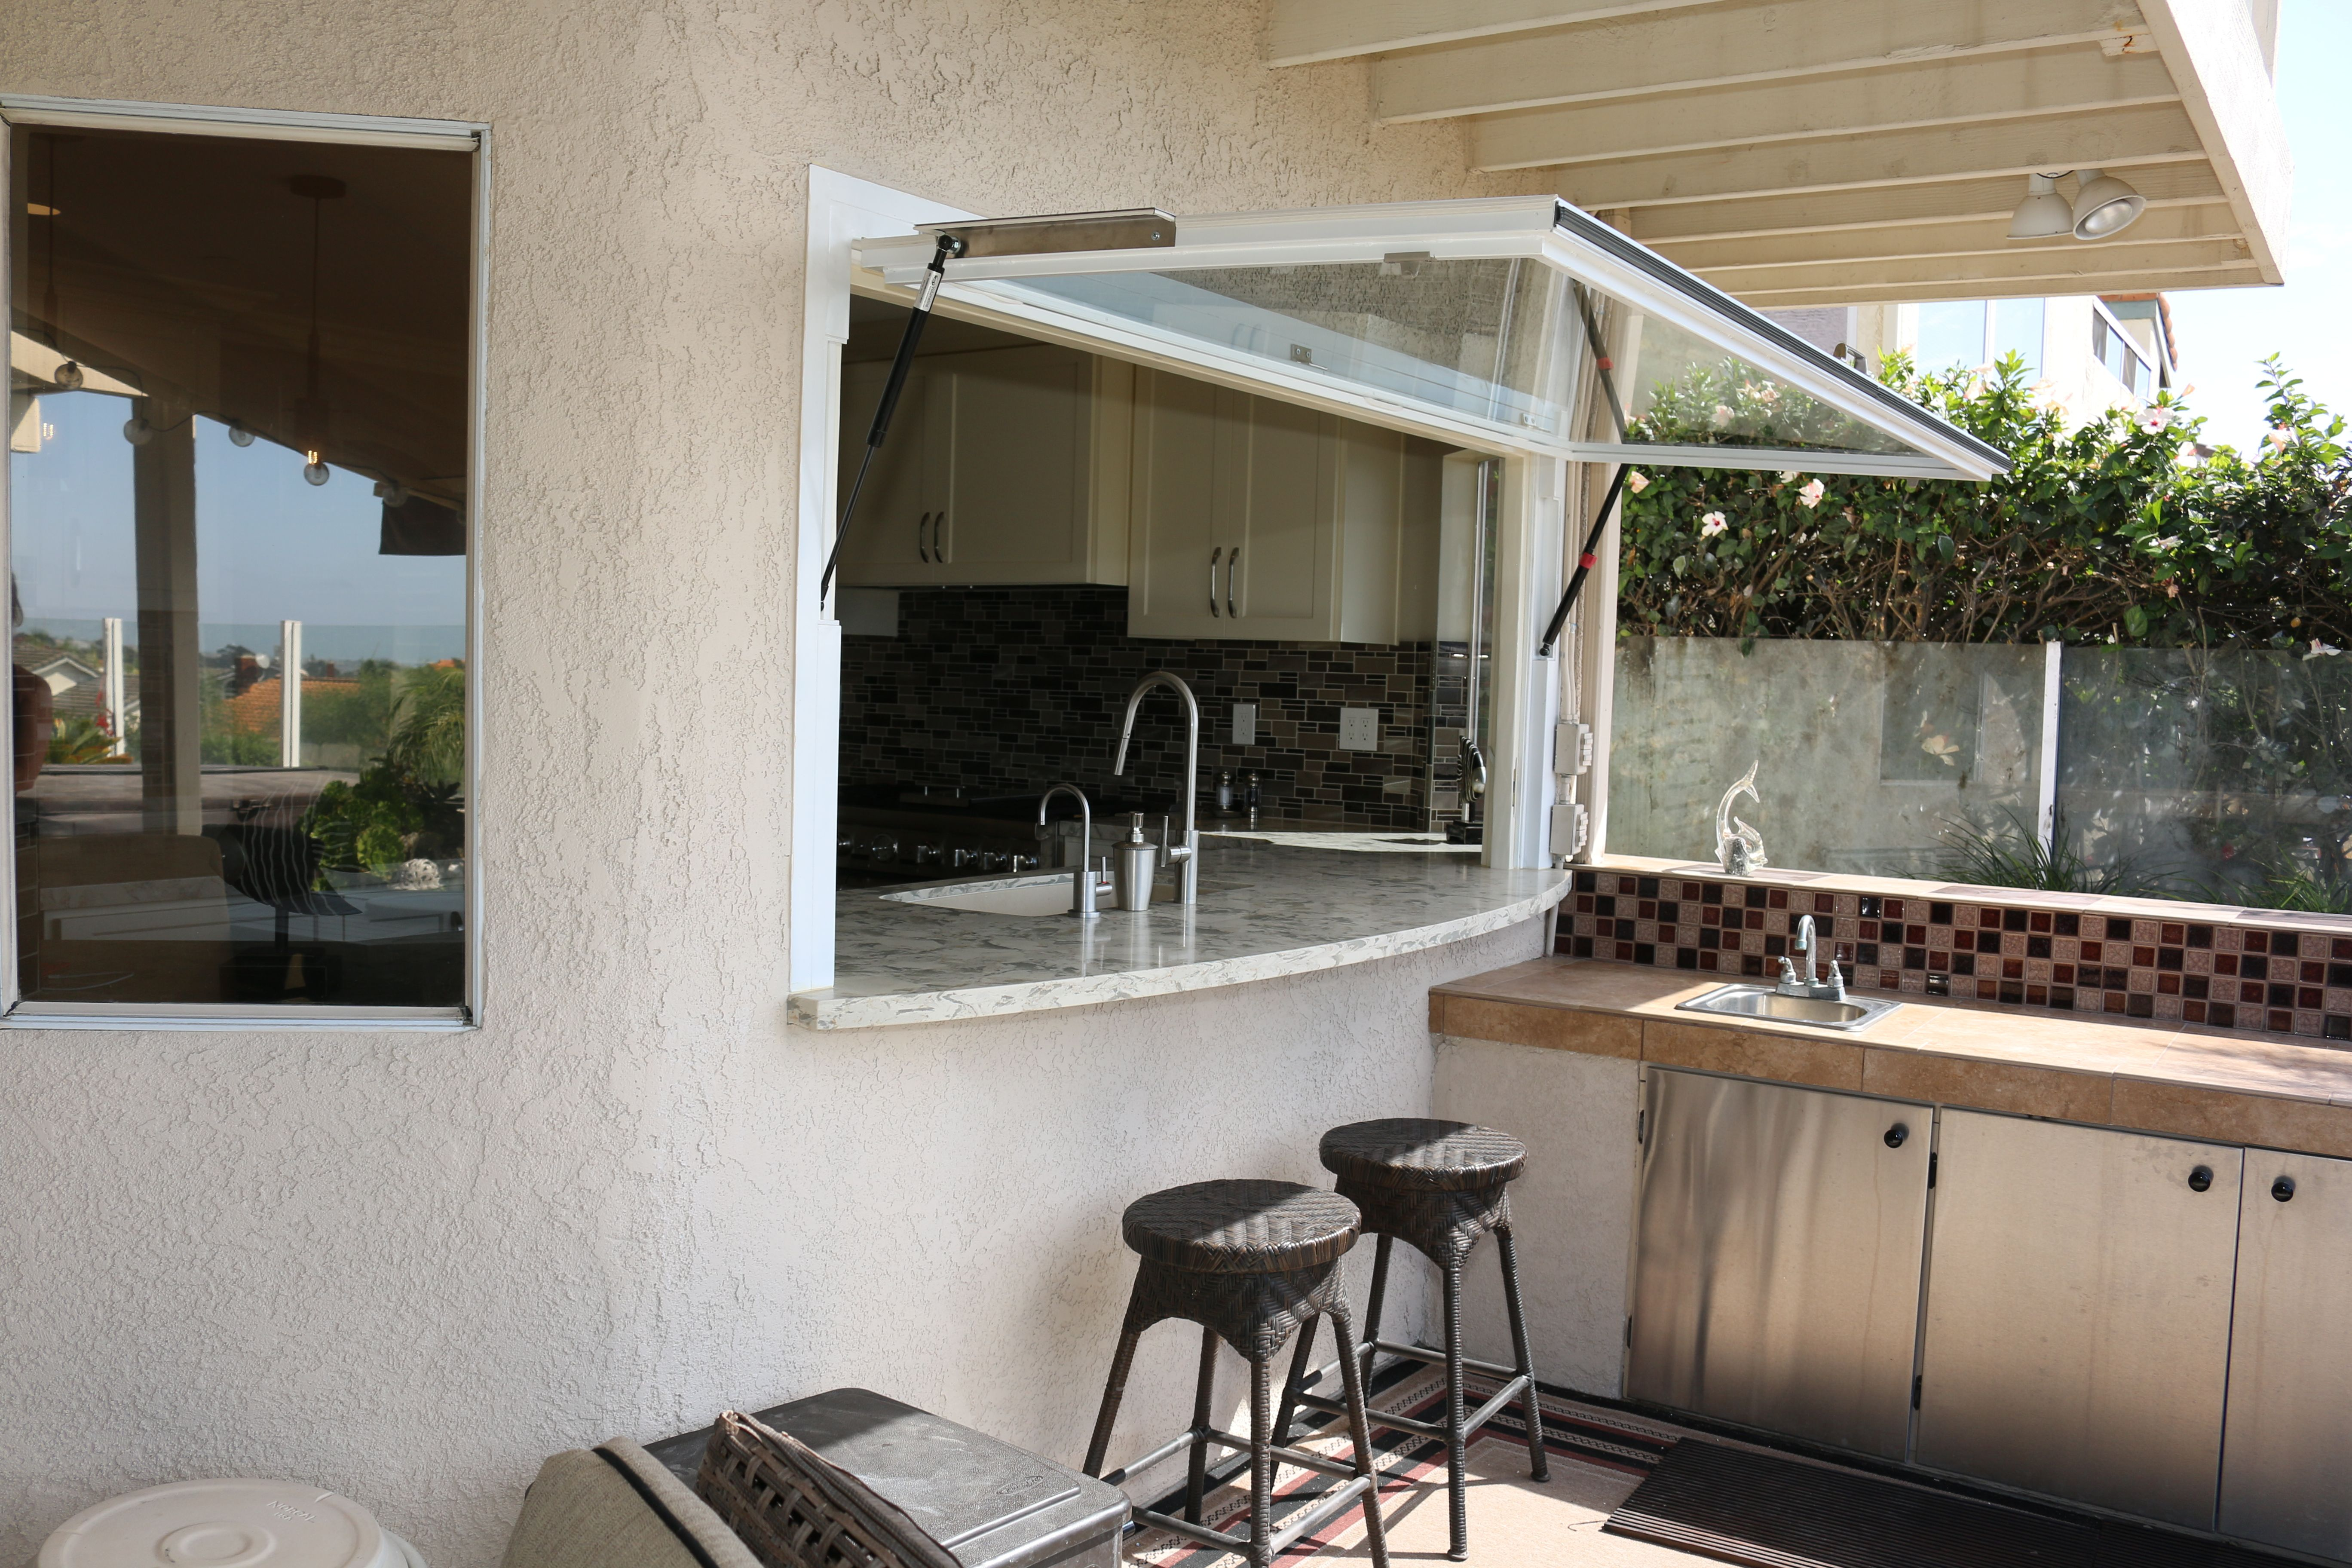 Kitchen pass thru window to outdoor bbq flipoutwindows